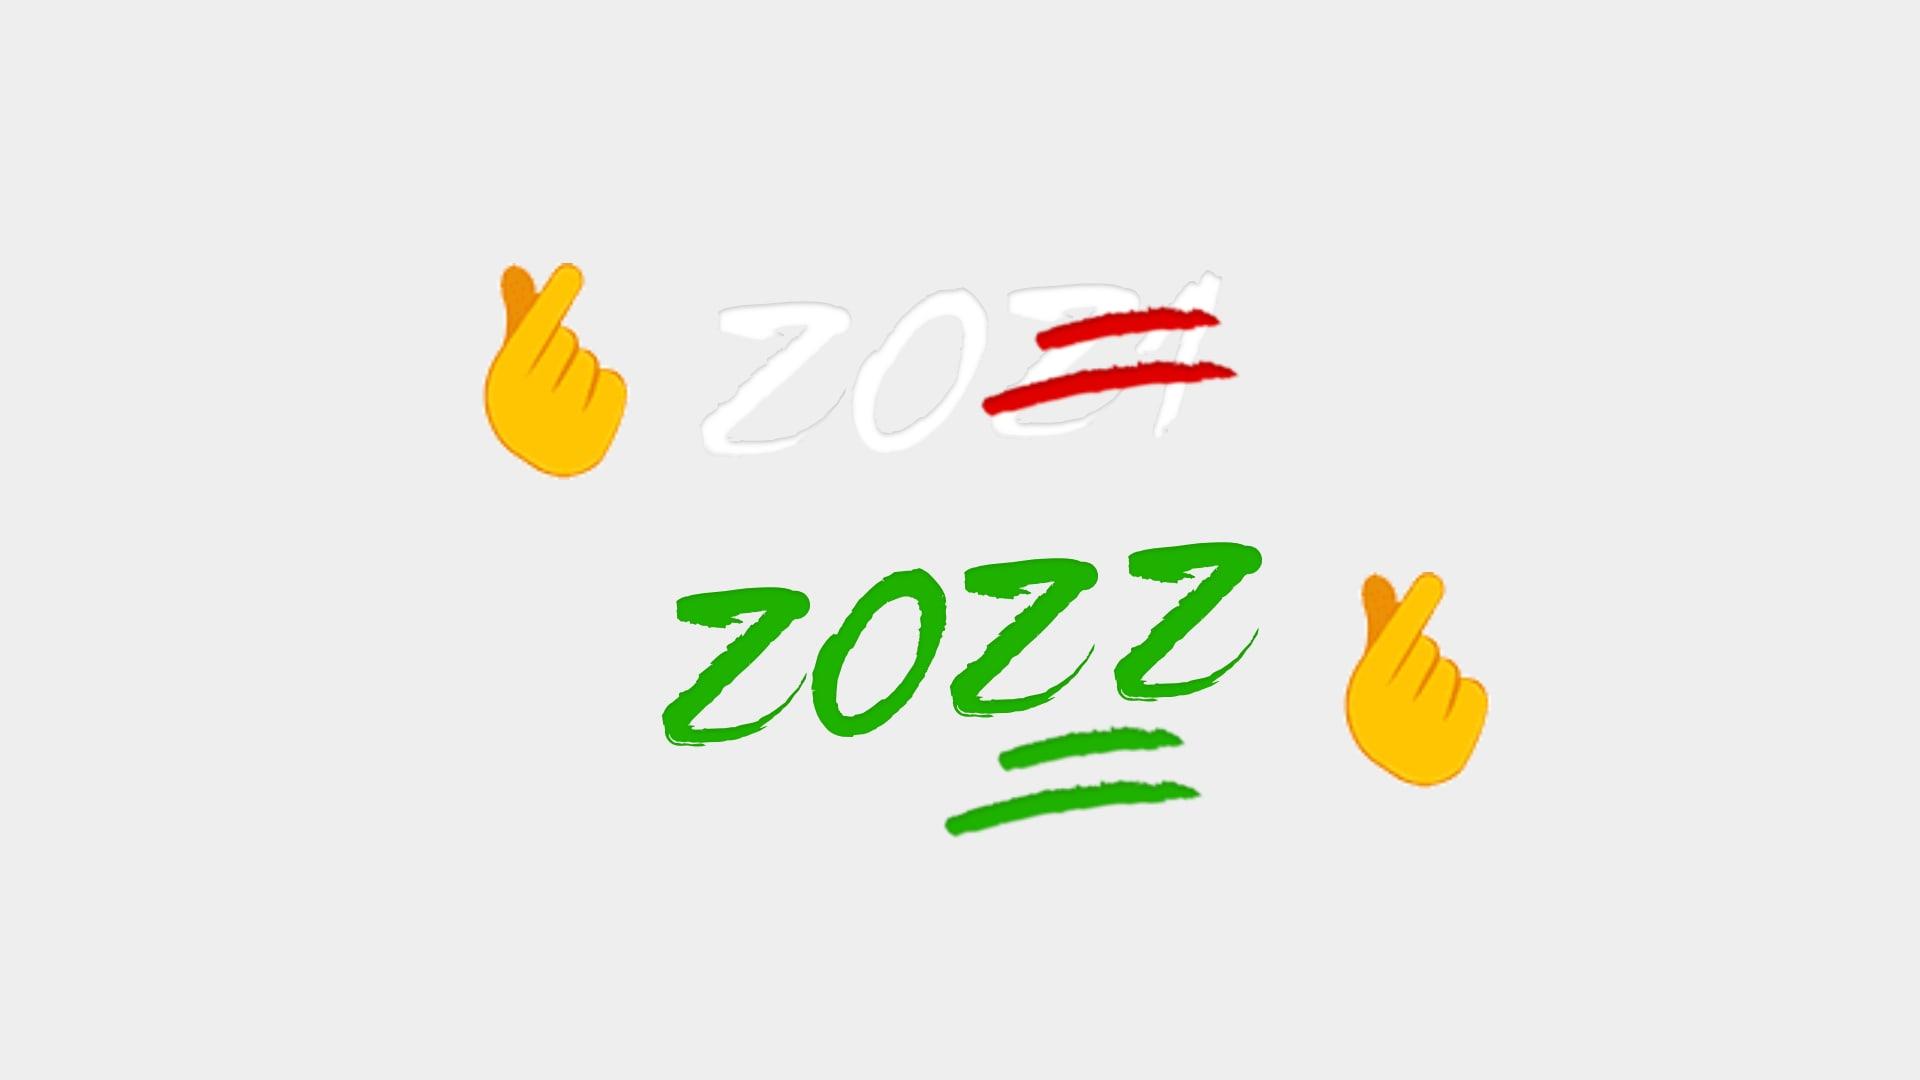 nowe emoji 13.1 Unicode 14 kiedy jakie nowe emotki